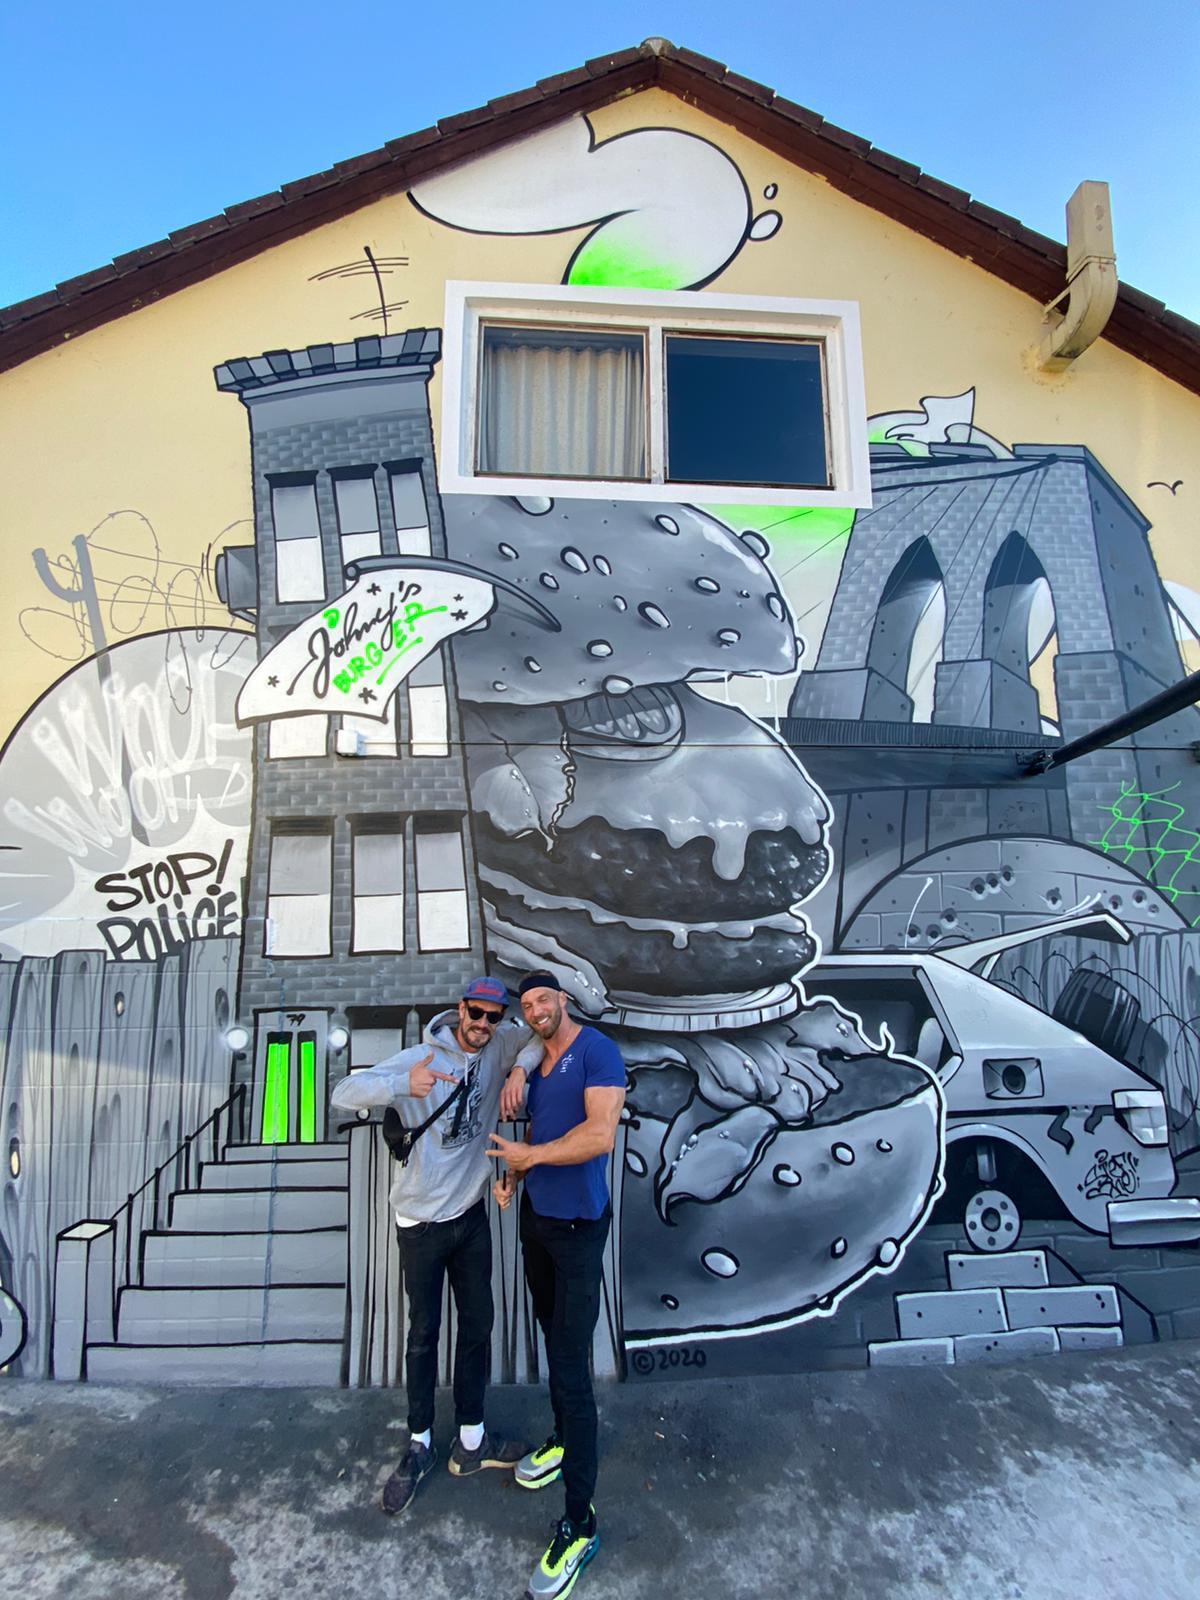 Johny`s Burger Rico79 Molotow TM Flame  Mural City Scheibbs